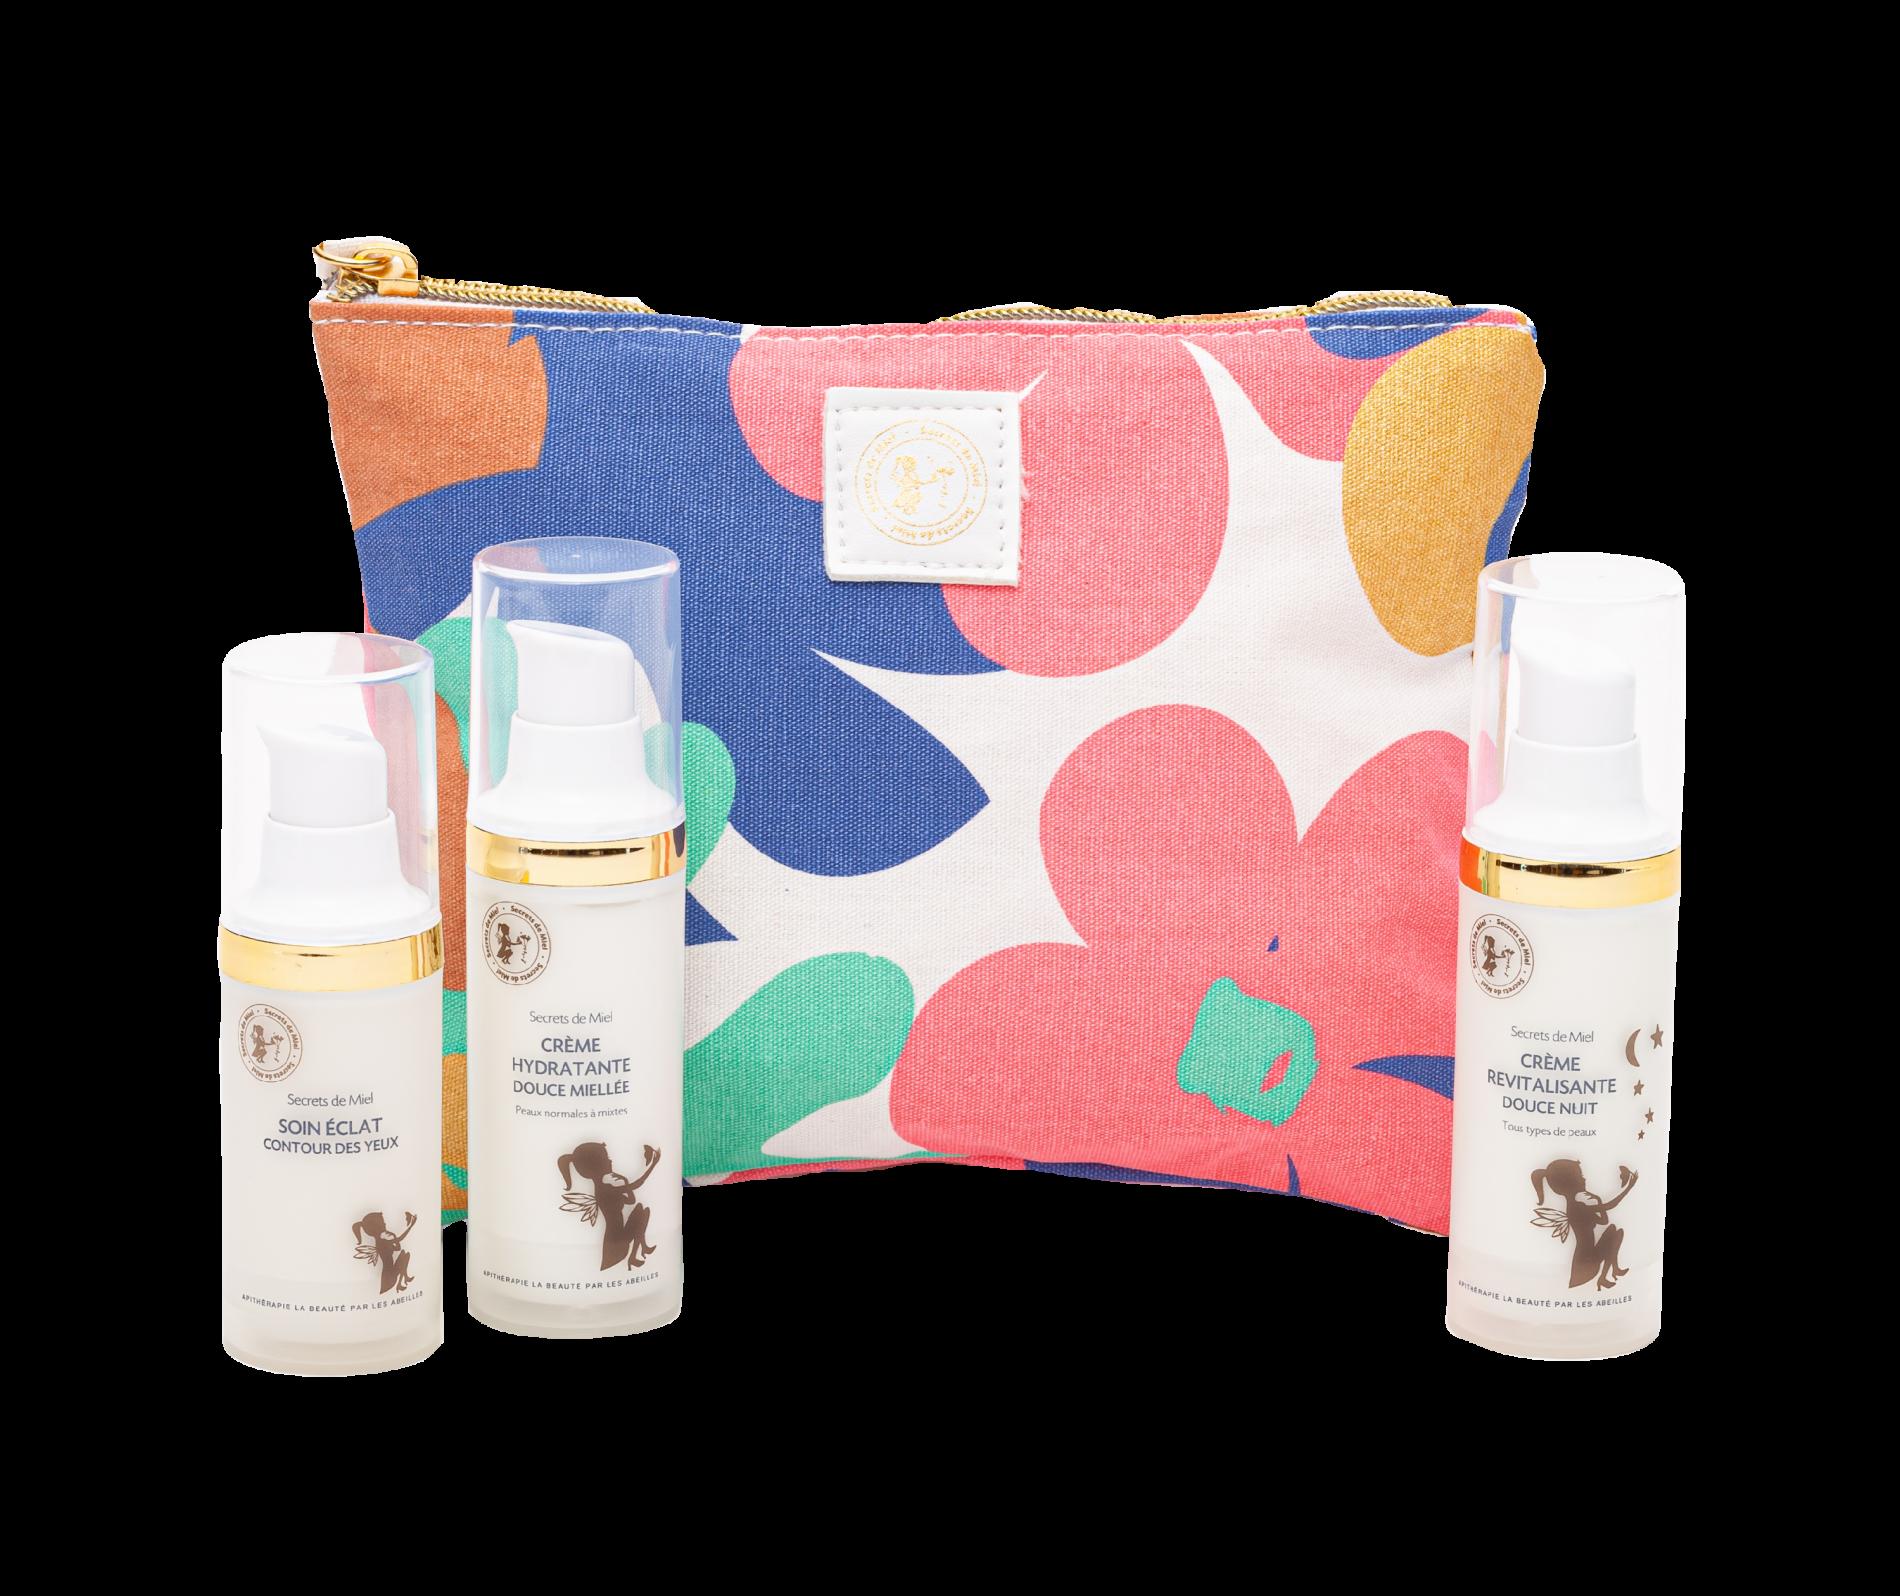 programme visage - offre routine beauté - crèmes - soins visage - miel - produits naturels - cosmétiques naturels - Secrets de Miel